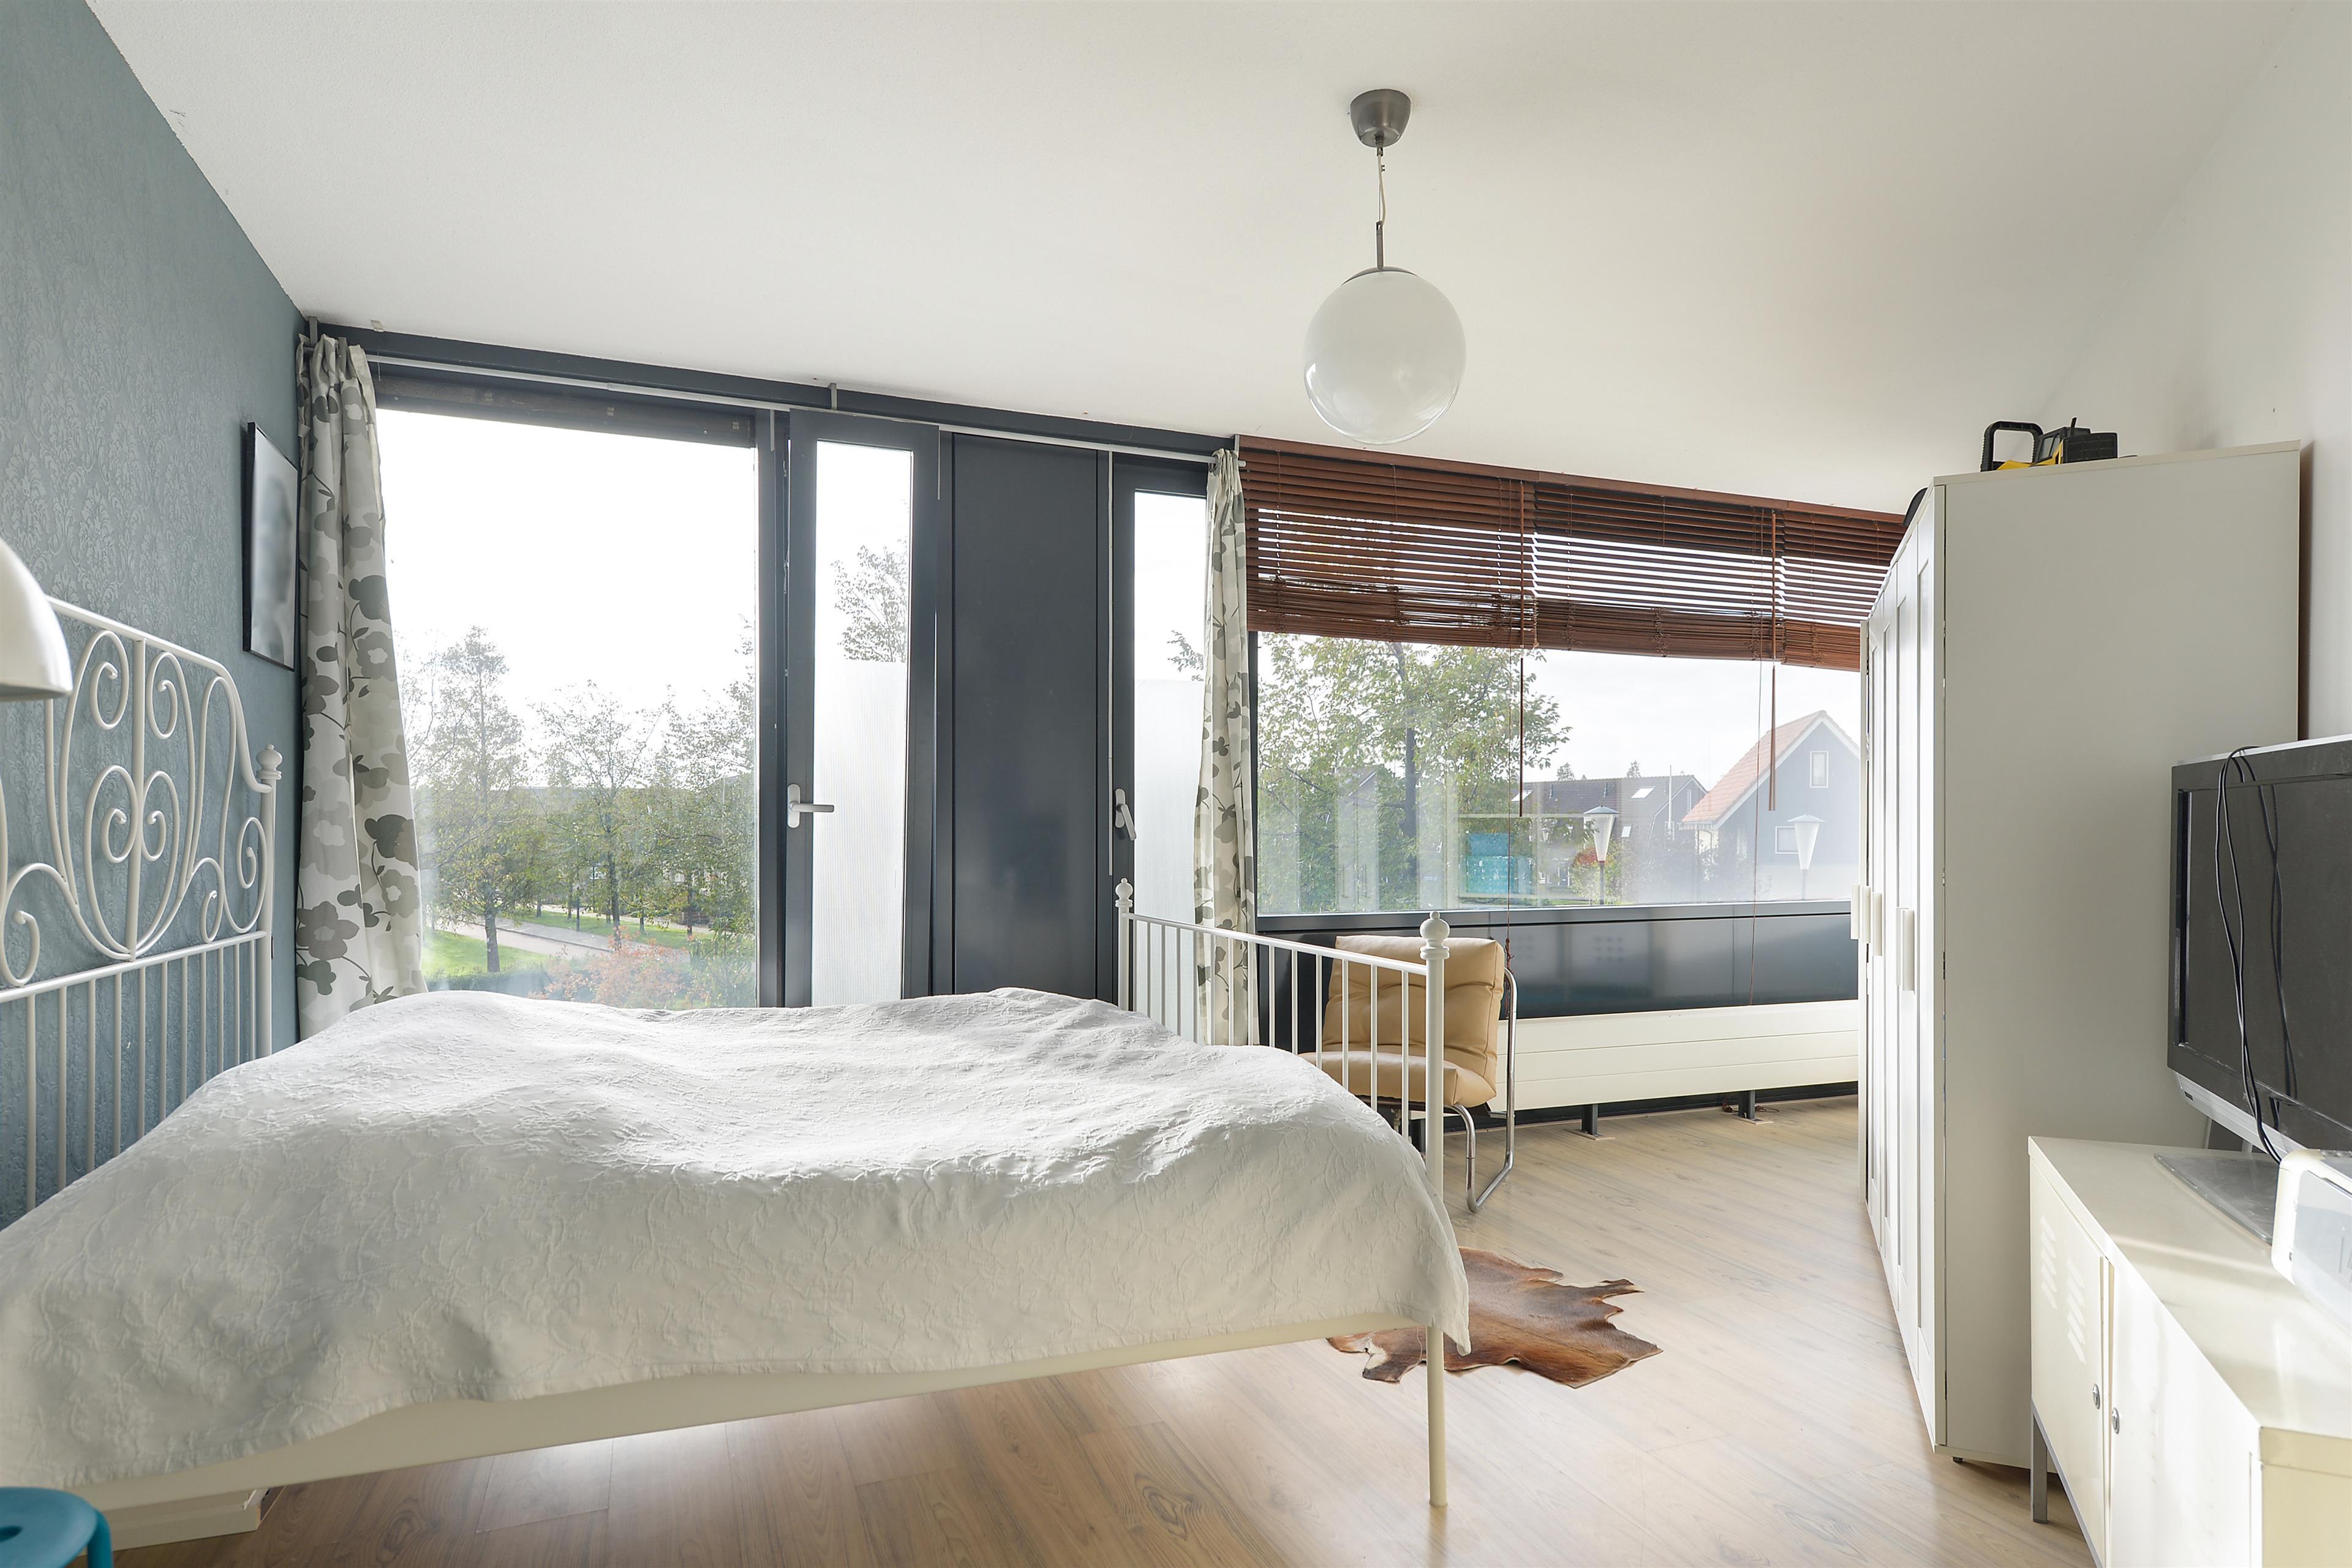 Zonwering Slaapkamer 14 : Te koop: mimi boesnachhof 11 heerhugowaard hoekstra en van eck